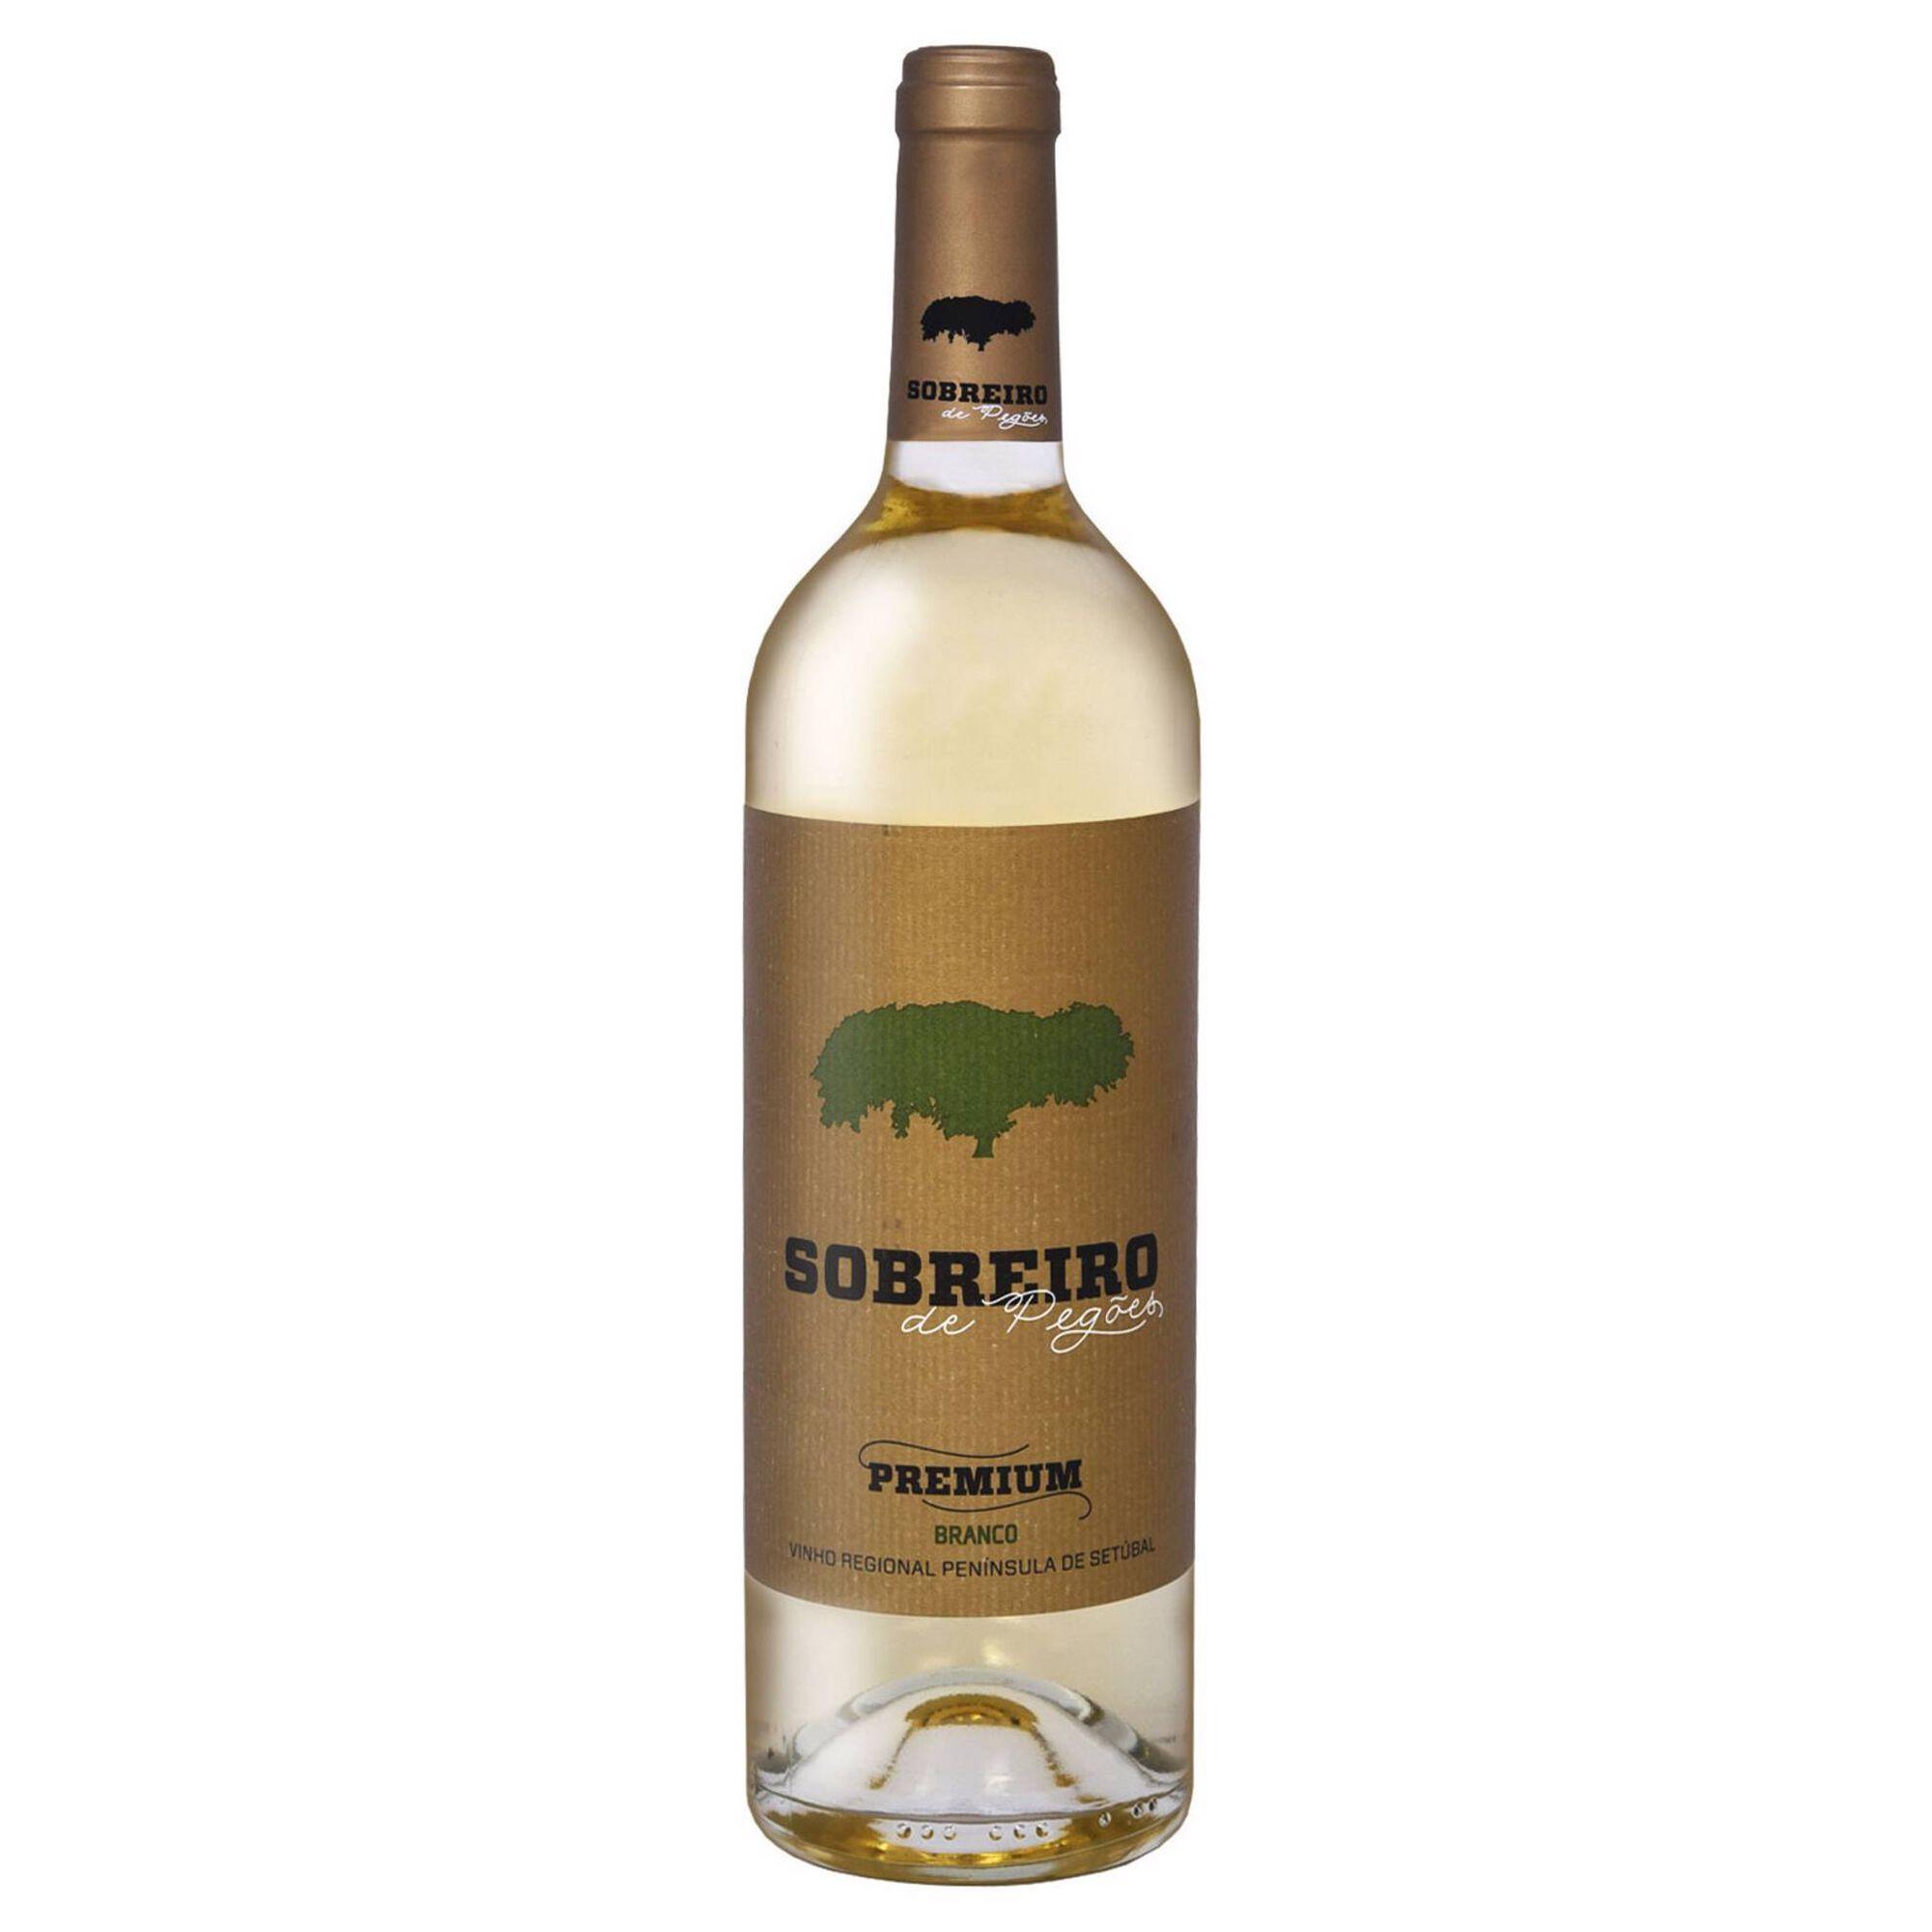 Sobreiro de Pegões Premium Regional Península de Setúbal Vinho Branco